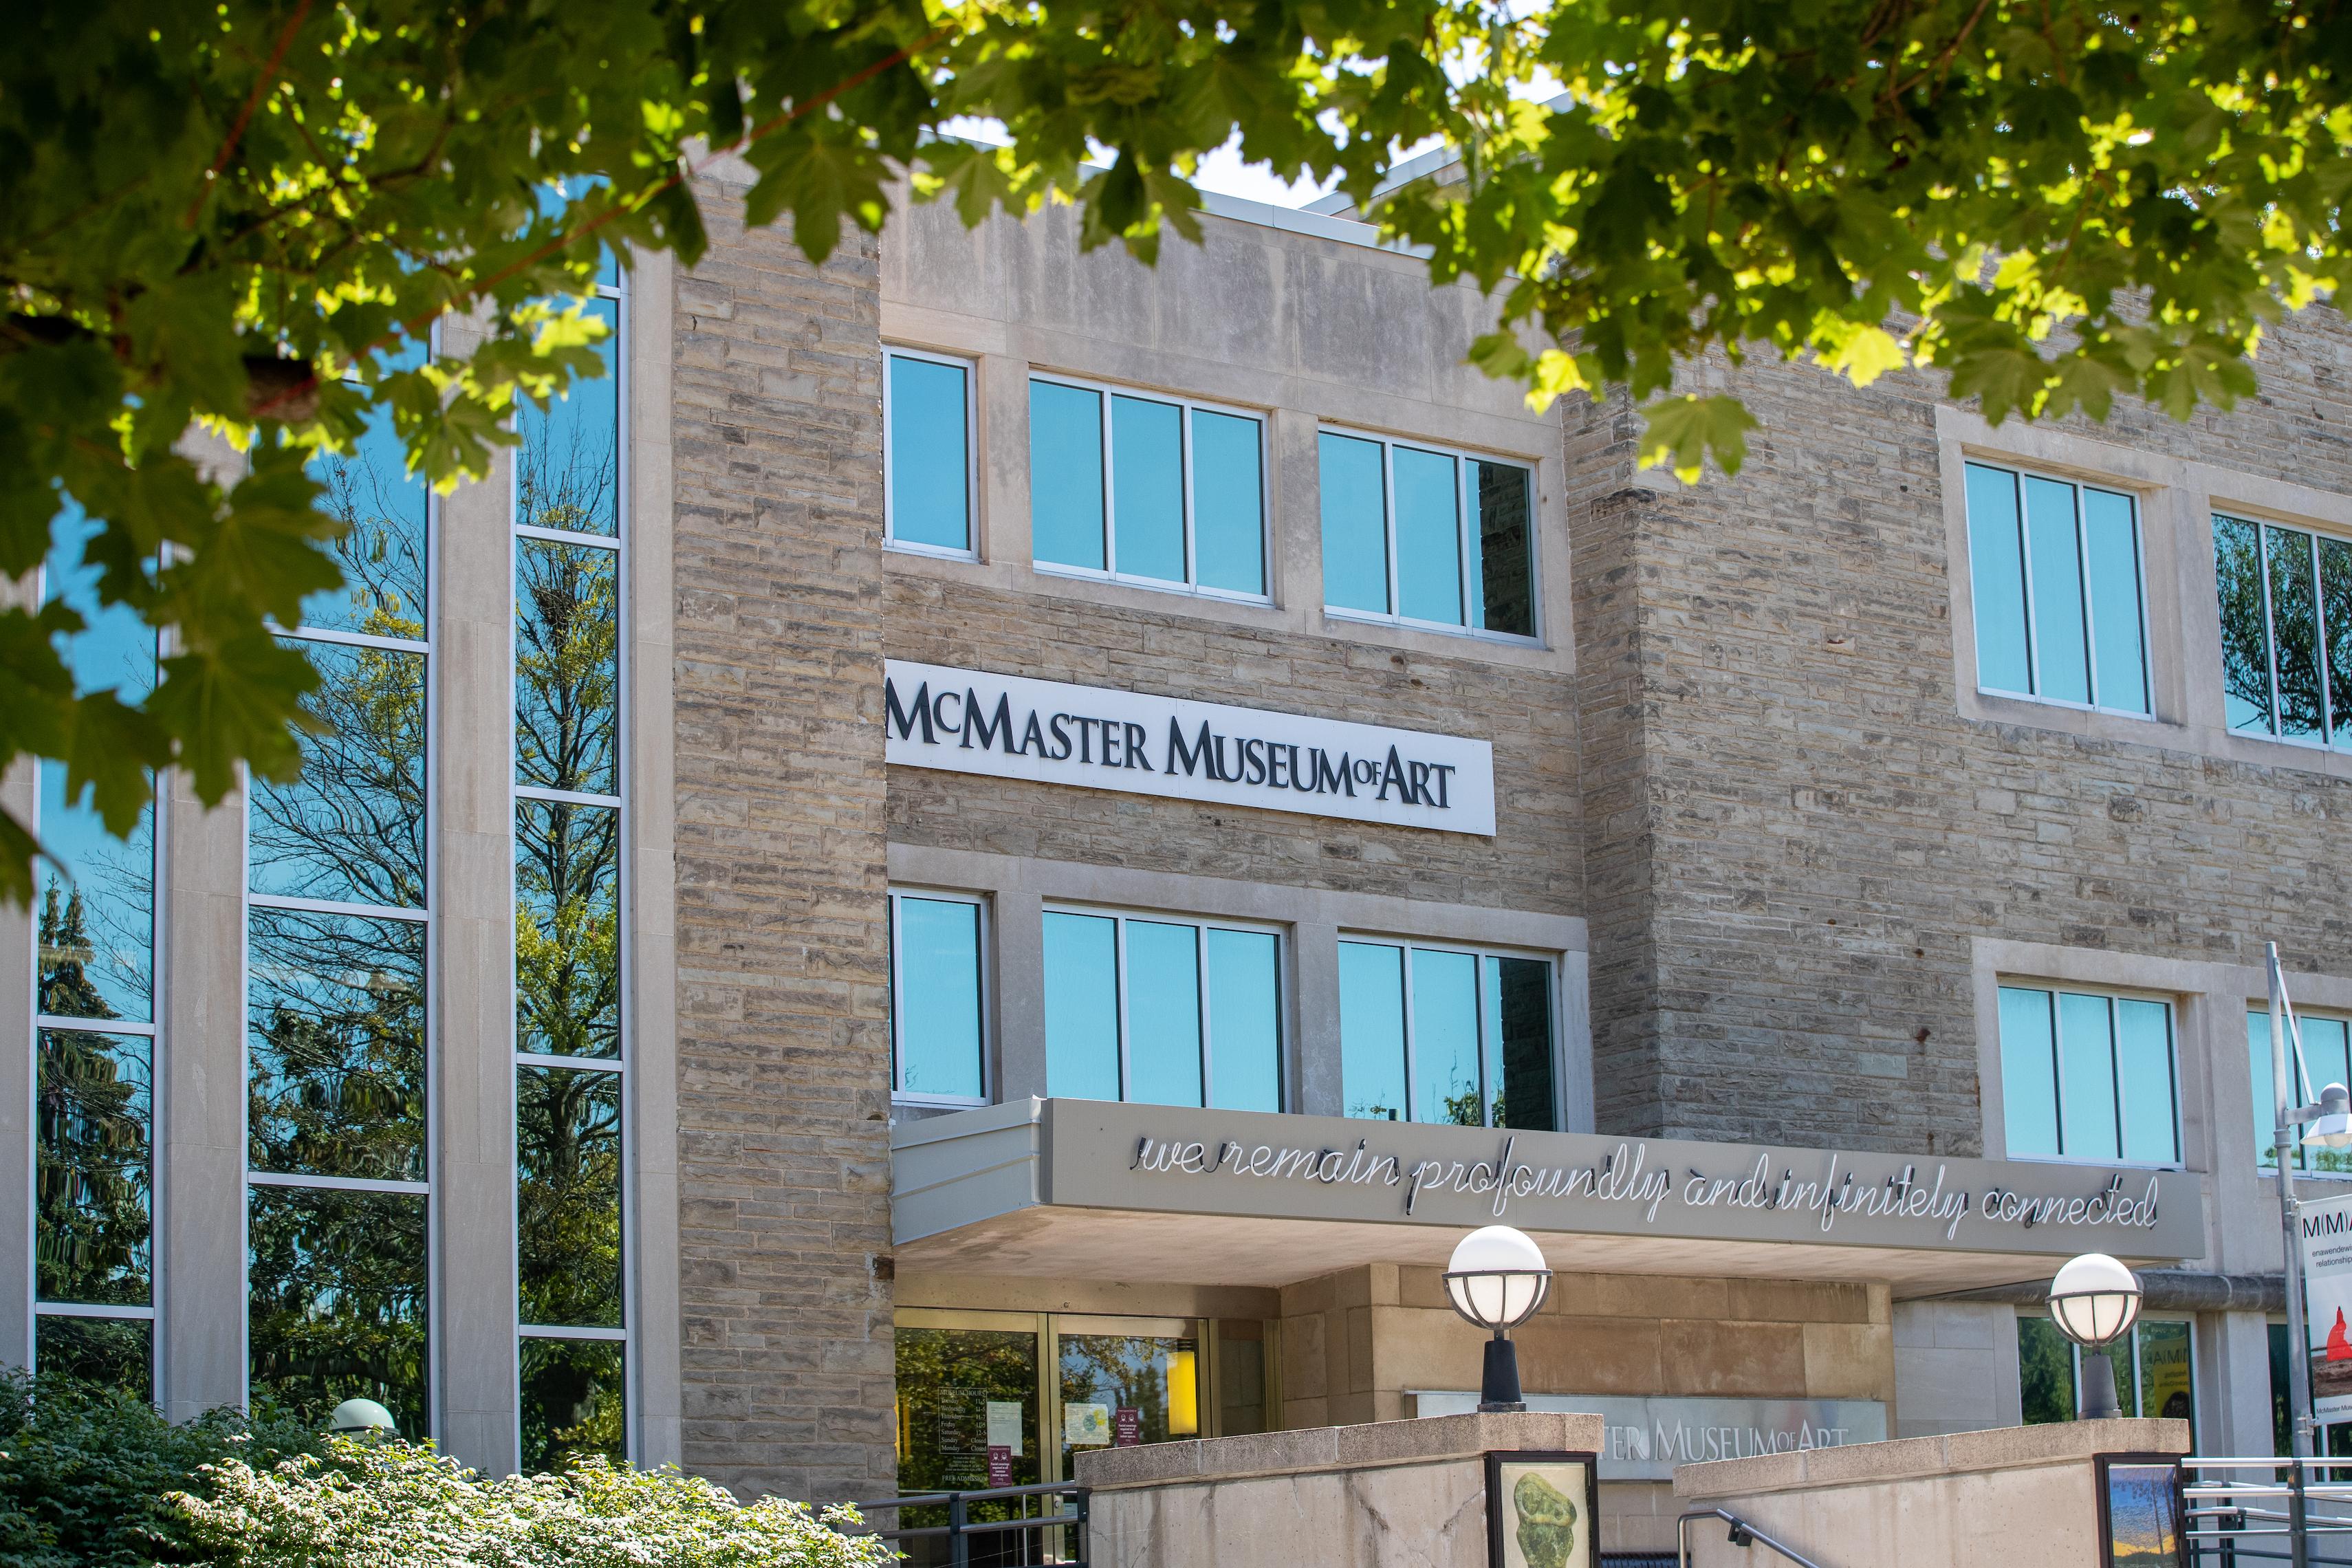 Museum facade in Summer